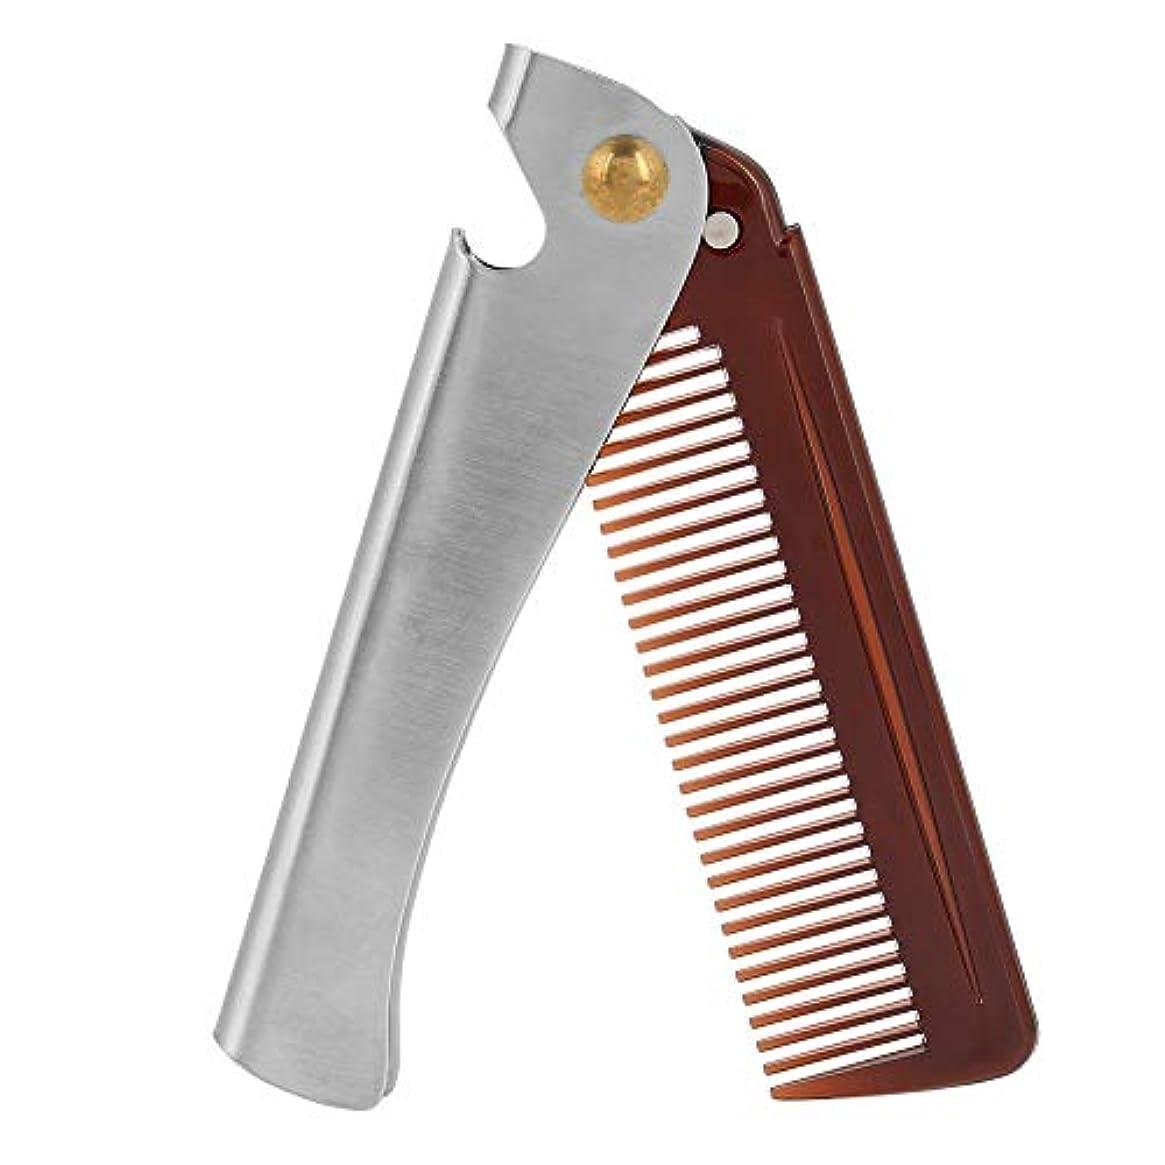 出会い問い合わせそれぞれステンレス製のひげの櫛の携帯用ステンレス製のひげの櫛の携帯用折りたたみ口ひげ用具の栓抜き